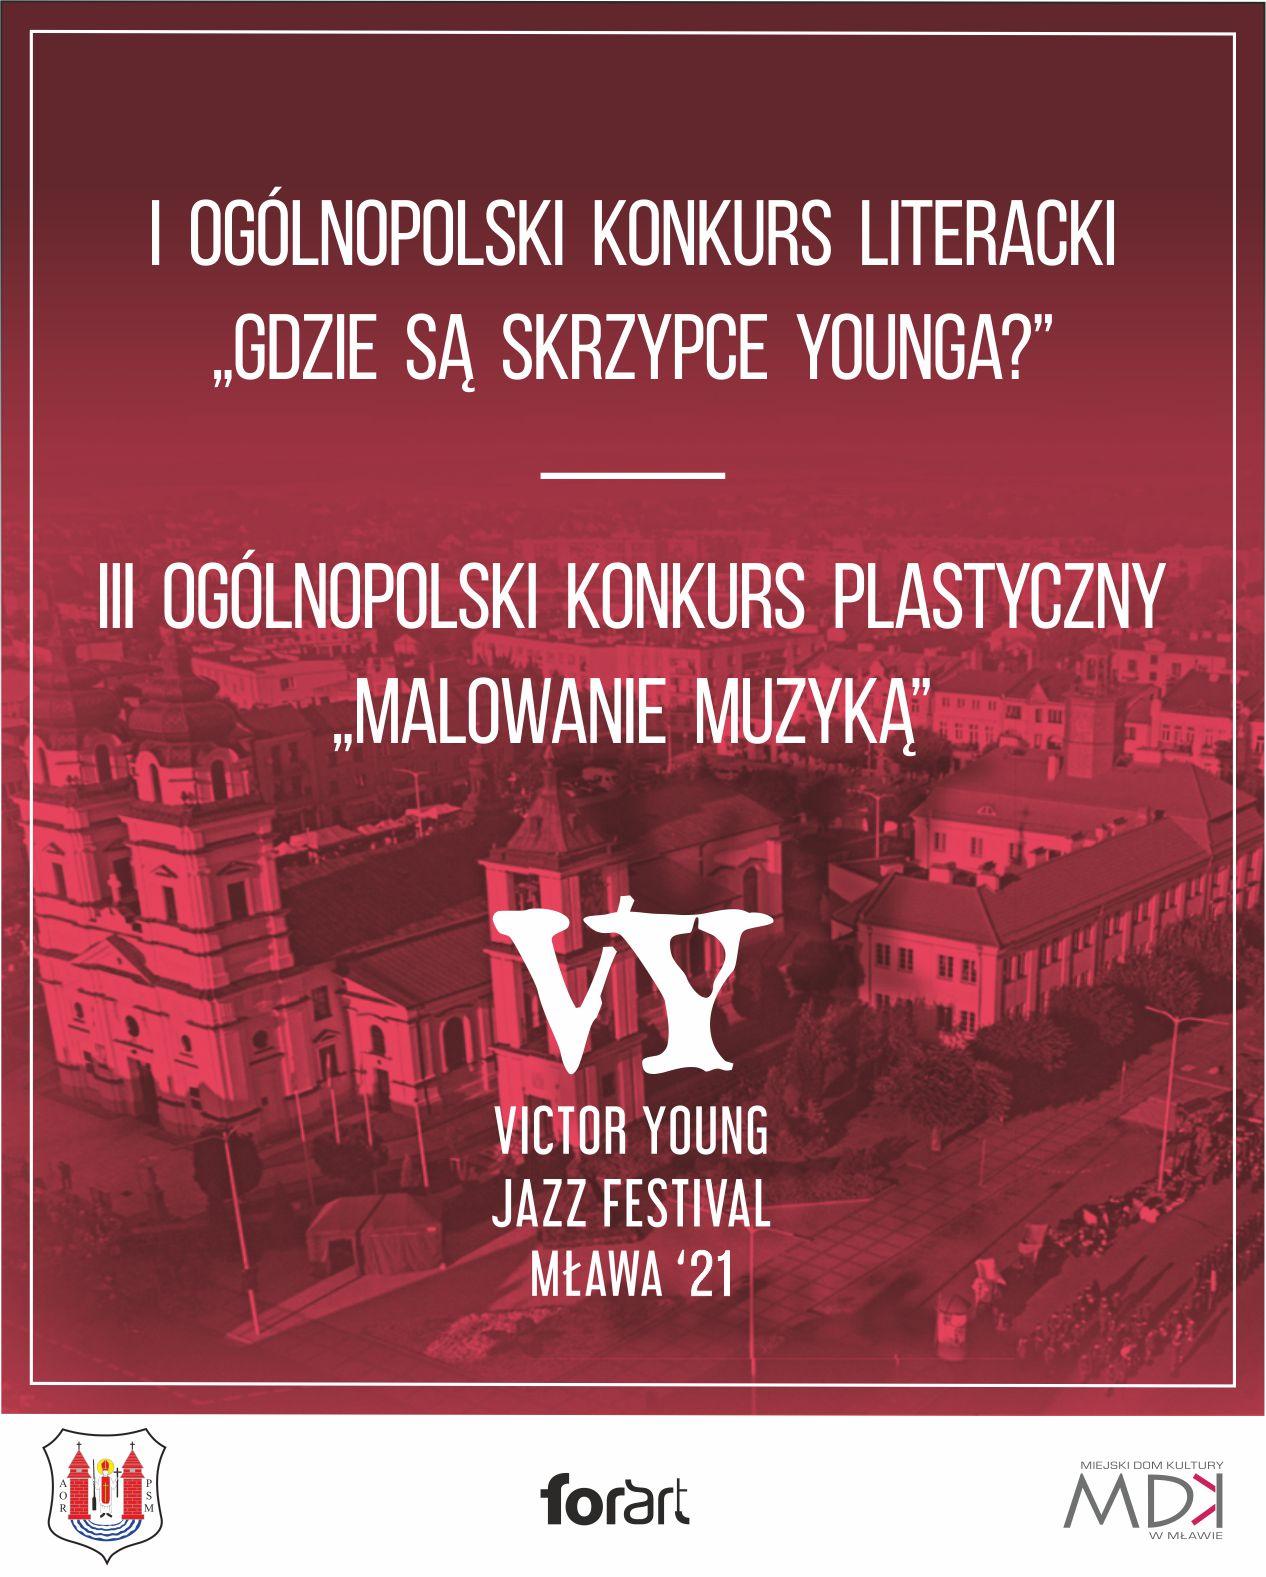 Zainspiruj się twórczością Victora Younga i weź udział w KONKURSACH!